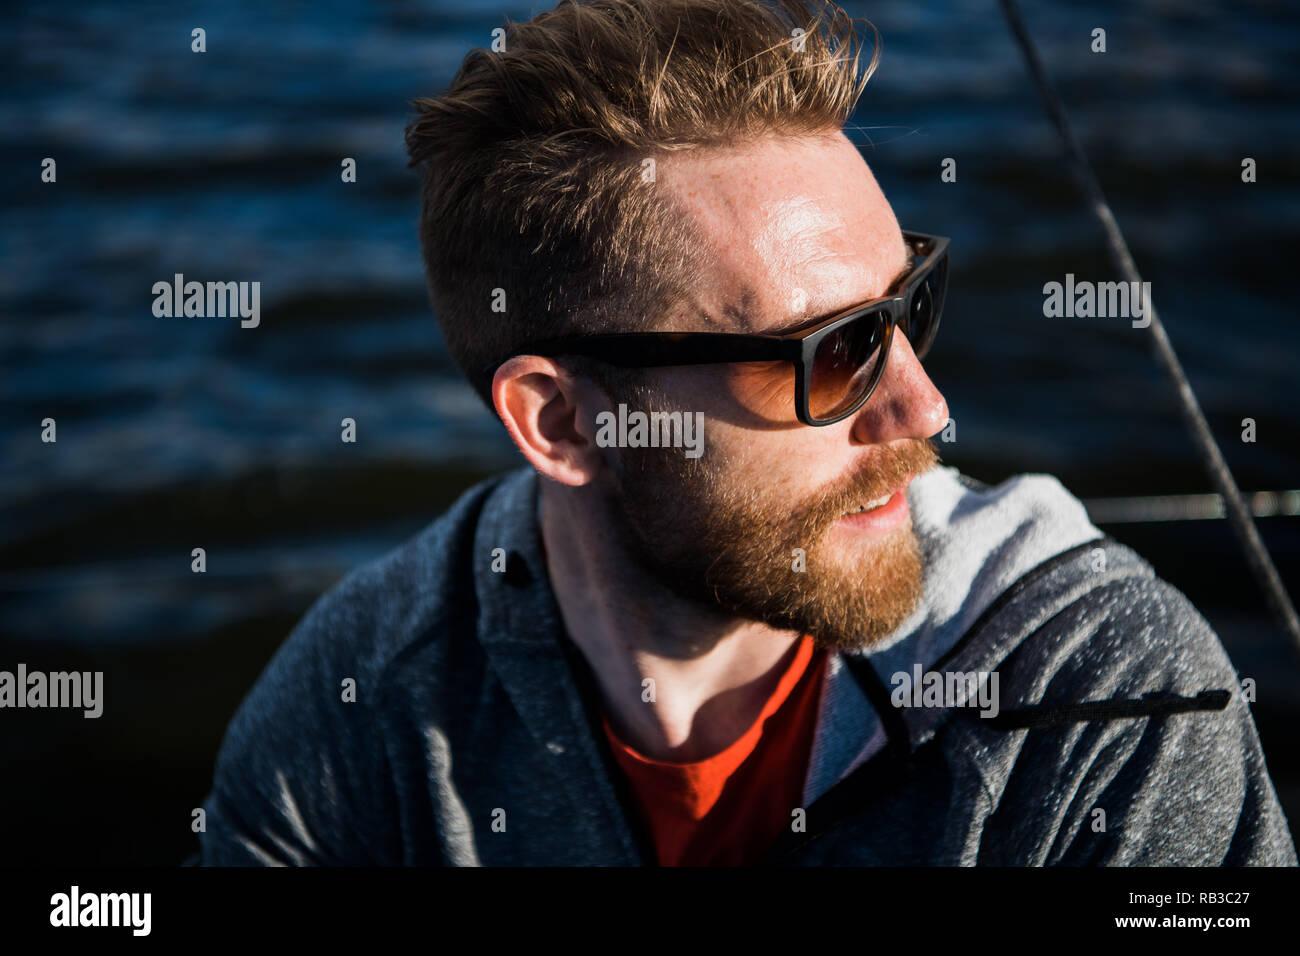 Barbado Con Hombre Sol Cerrar Y De Modelo Hoodie Gafas Retrato Mira 1TlFJcK3